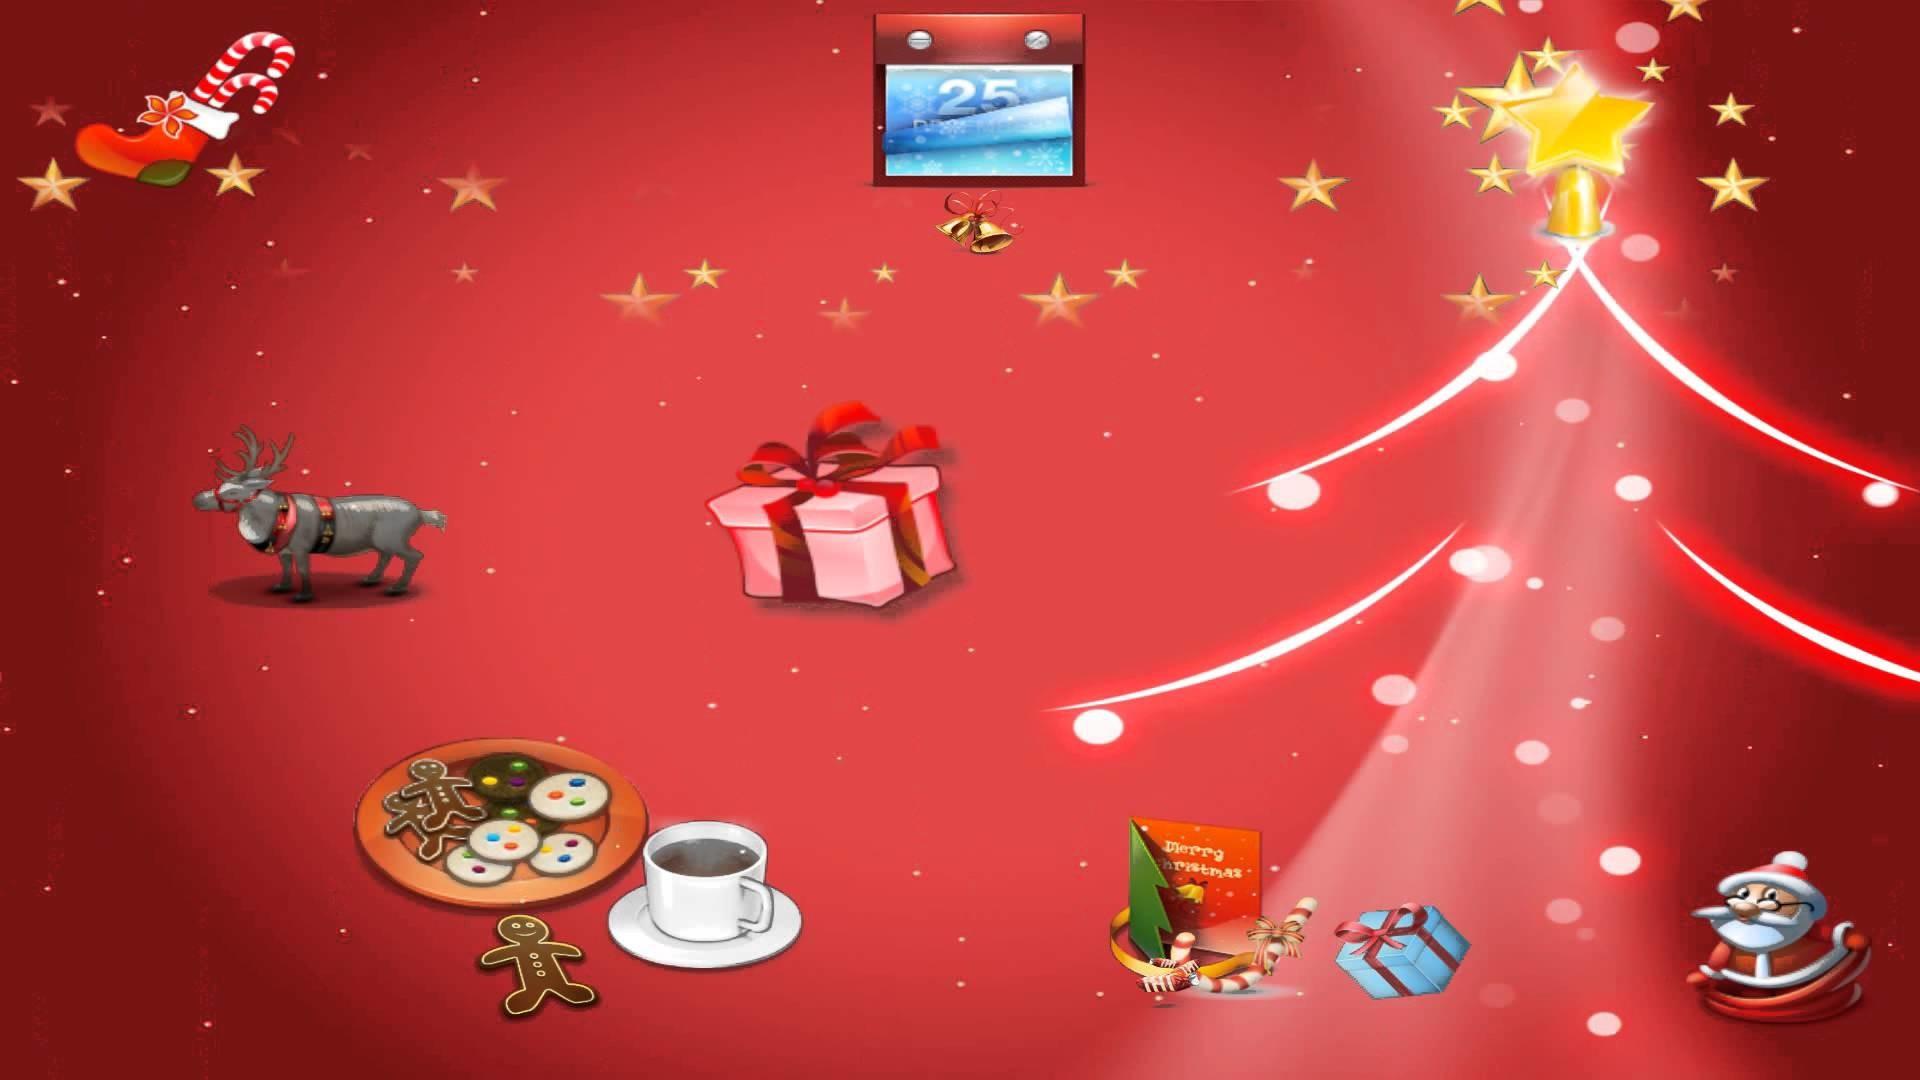 Merry Christmas Animated Wallpaper 2.0 https://www.desktopanimated.com –  YouTube